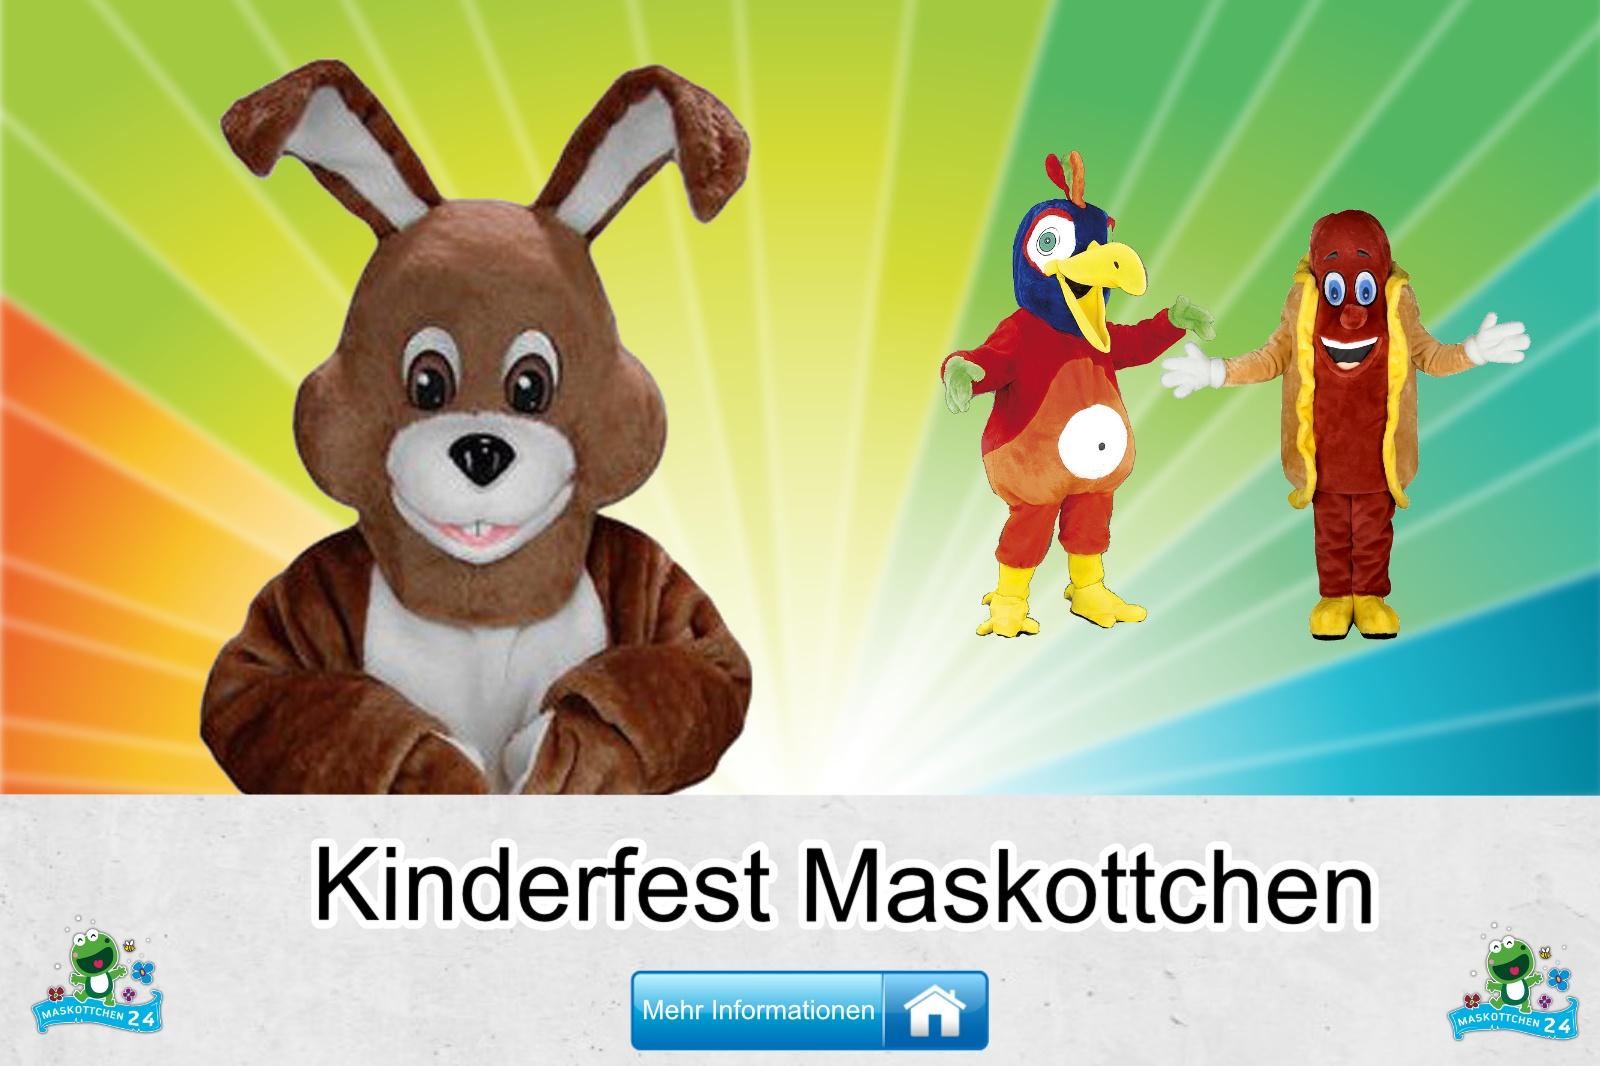 Kinderfeste Kostüm kaufen, günstige Produktion / Herstellung